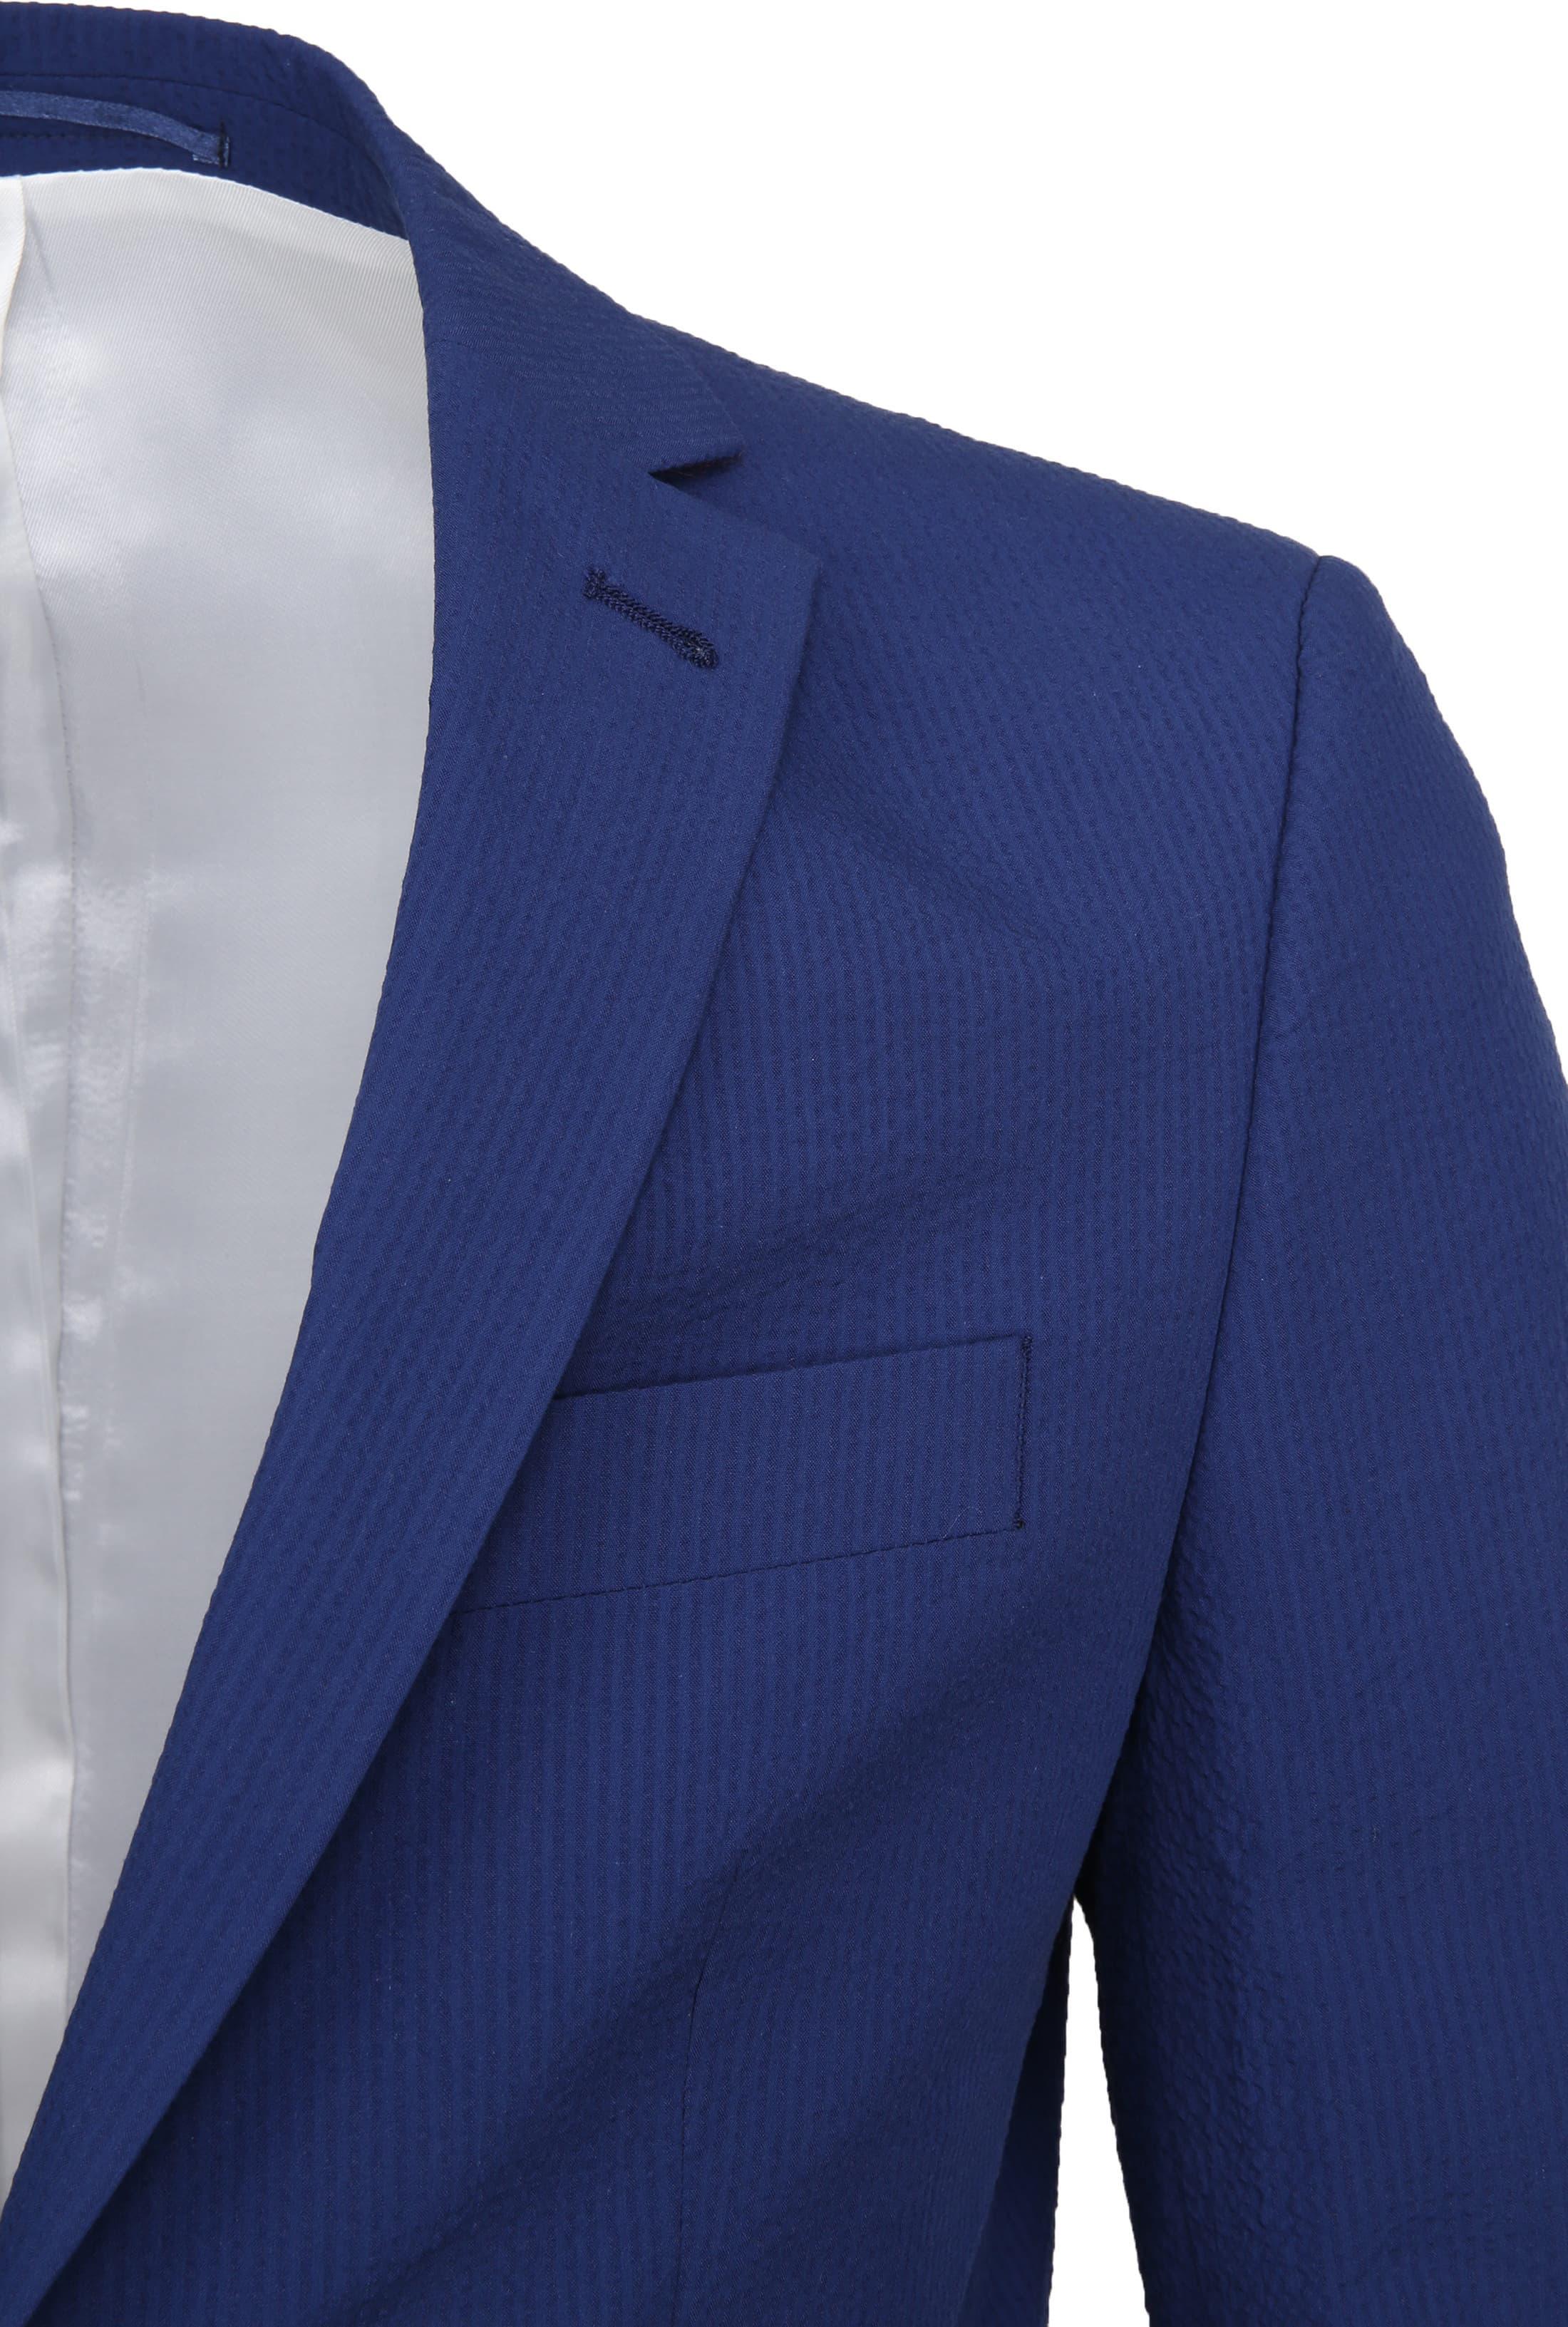 Suitable Blazer Logga Blau foto 2